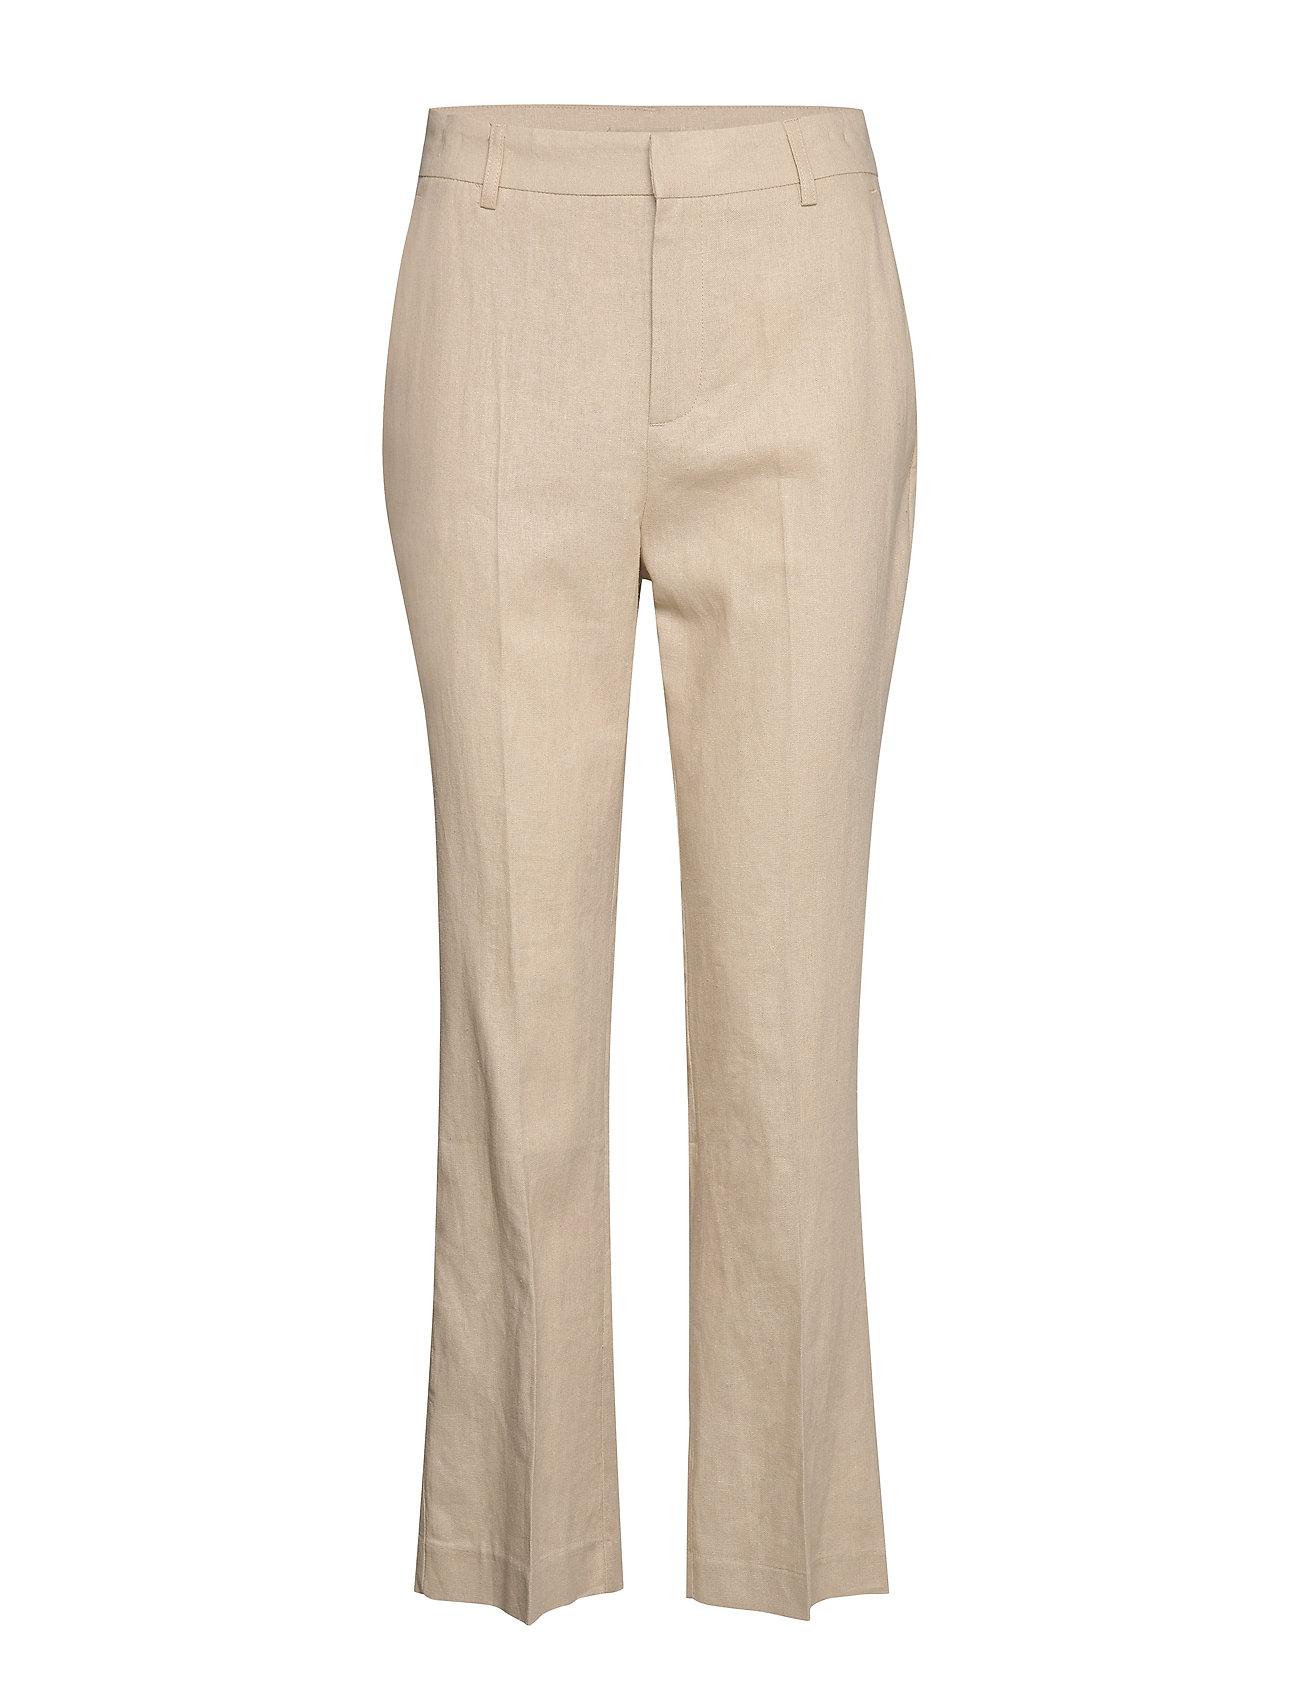 Gina Tricot Lisa linen trousers - LT LINEN BEIGE